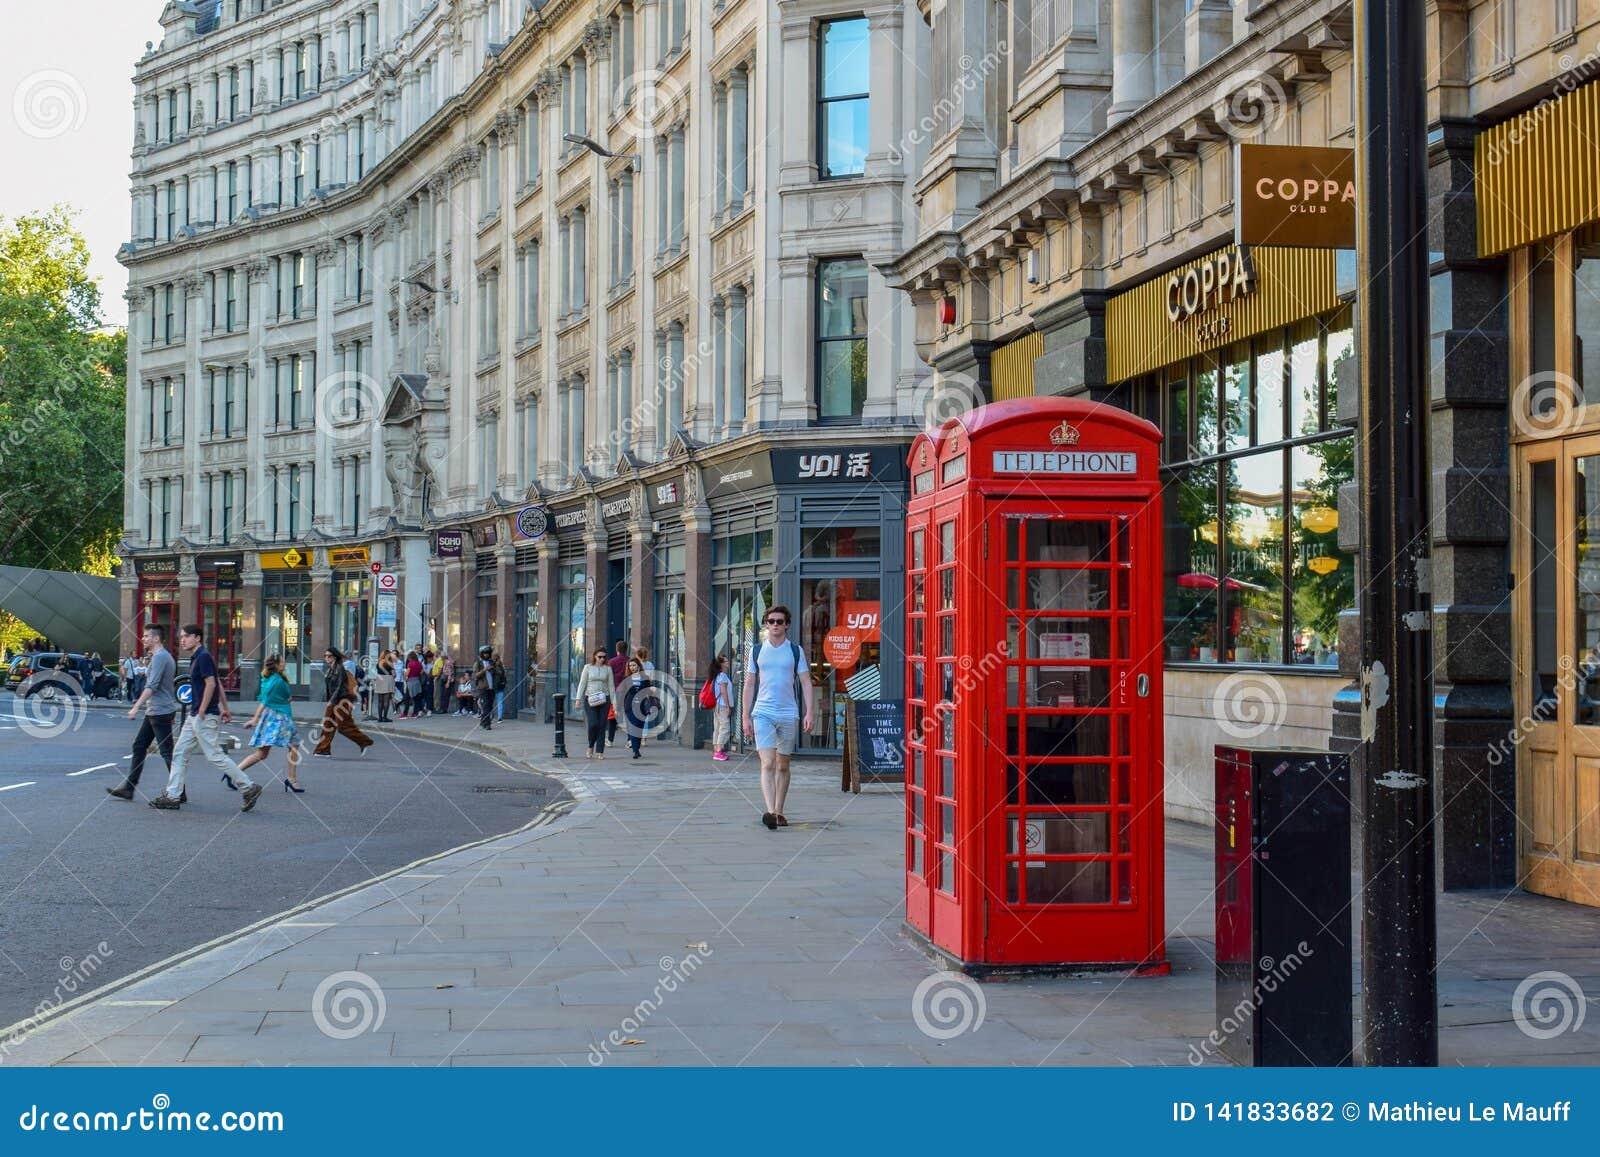 Cabine de telefone vermelha tradicional na rua de Londres